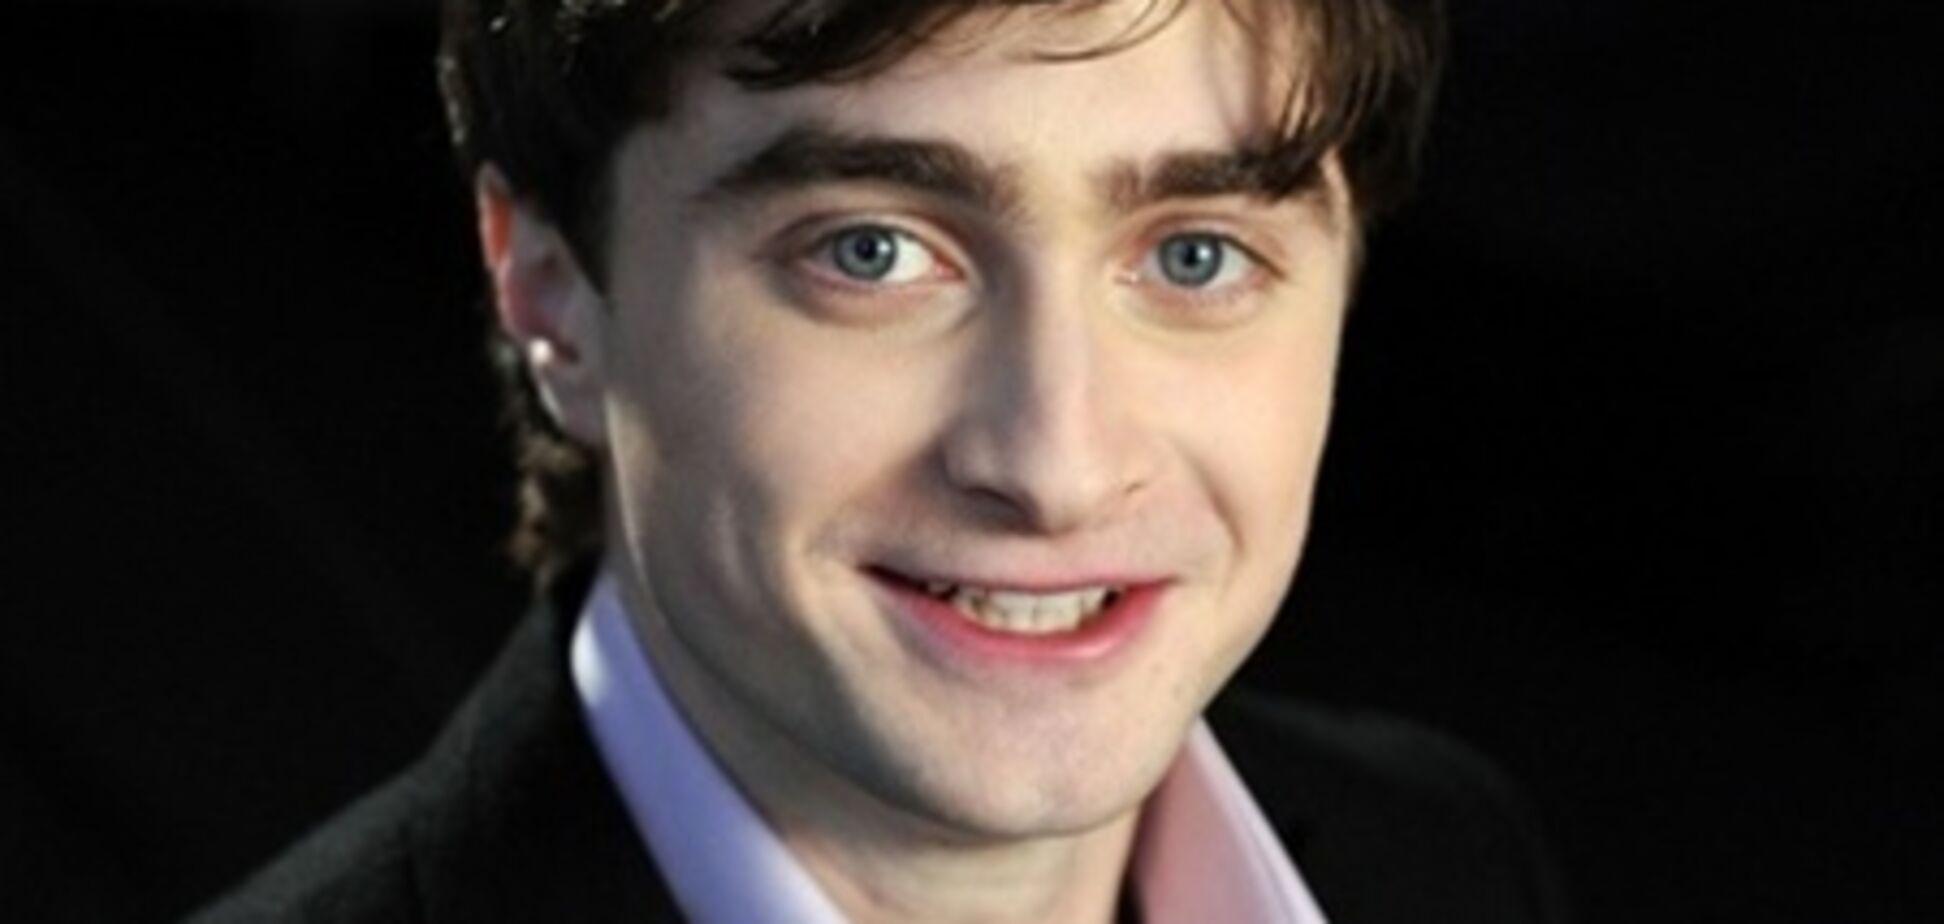 Гаррі Поттер зібрався завести дитину і набити тату